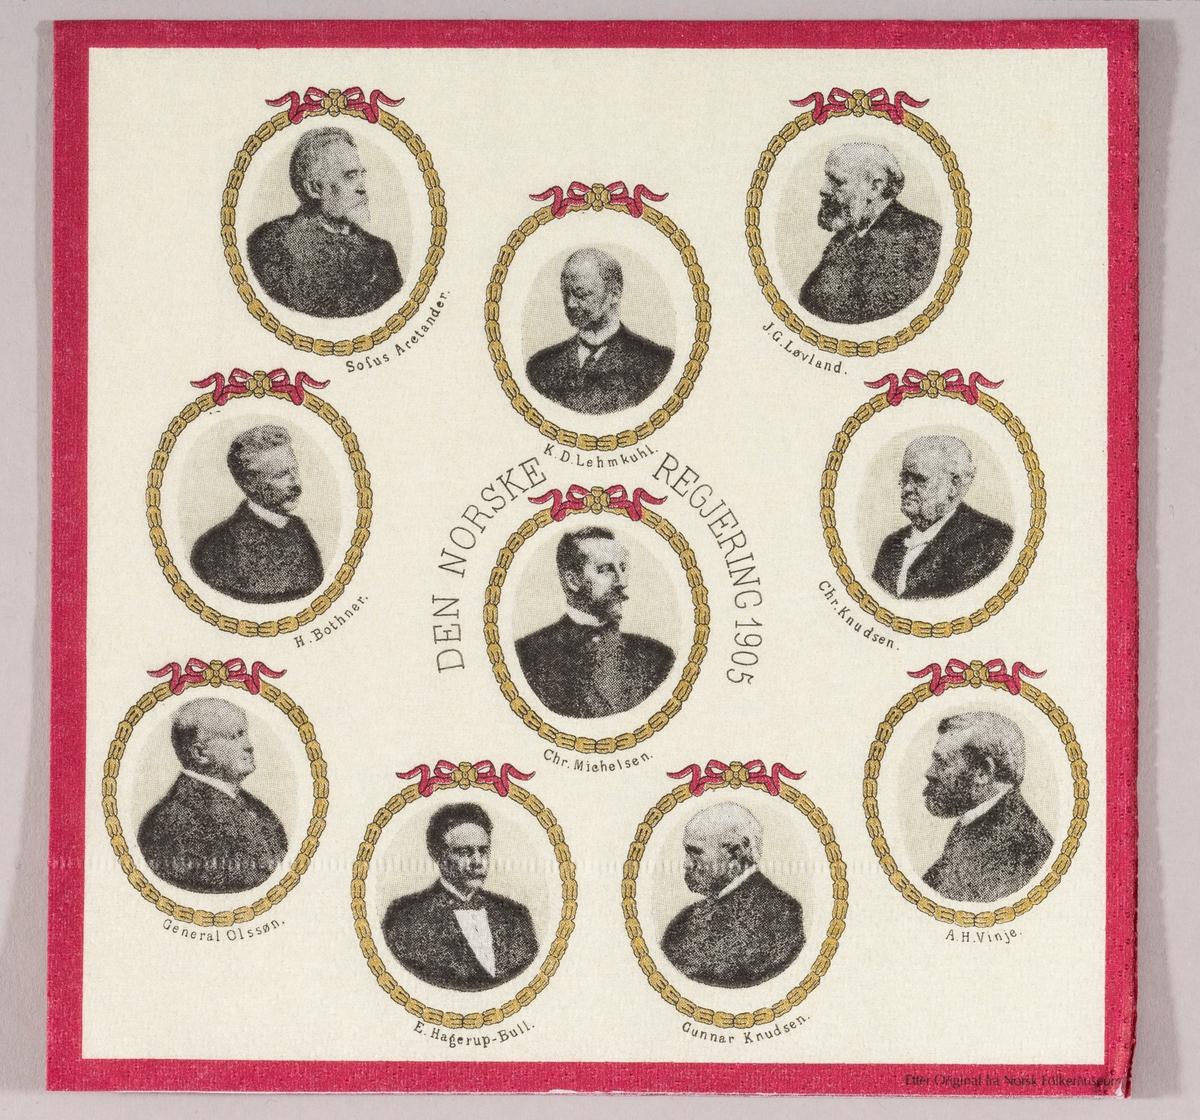 Den norske regjering 1905. Regjeringsmedlemmenes portretter med navn.